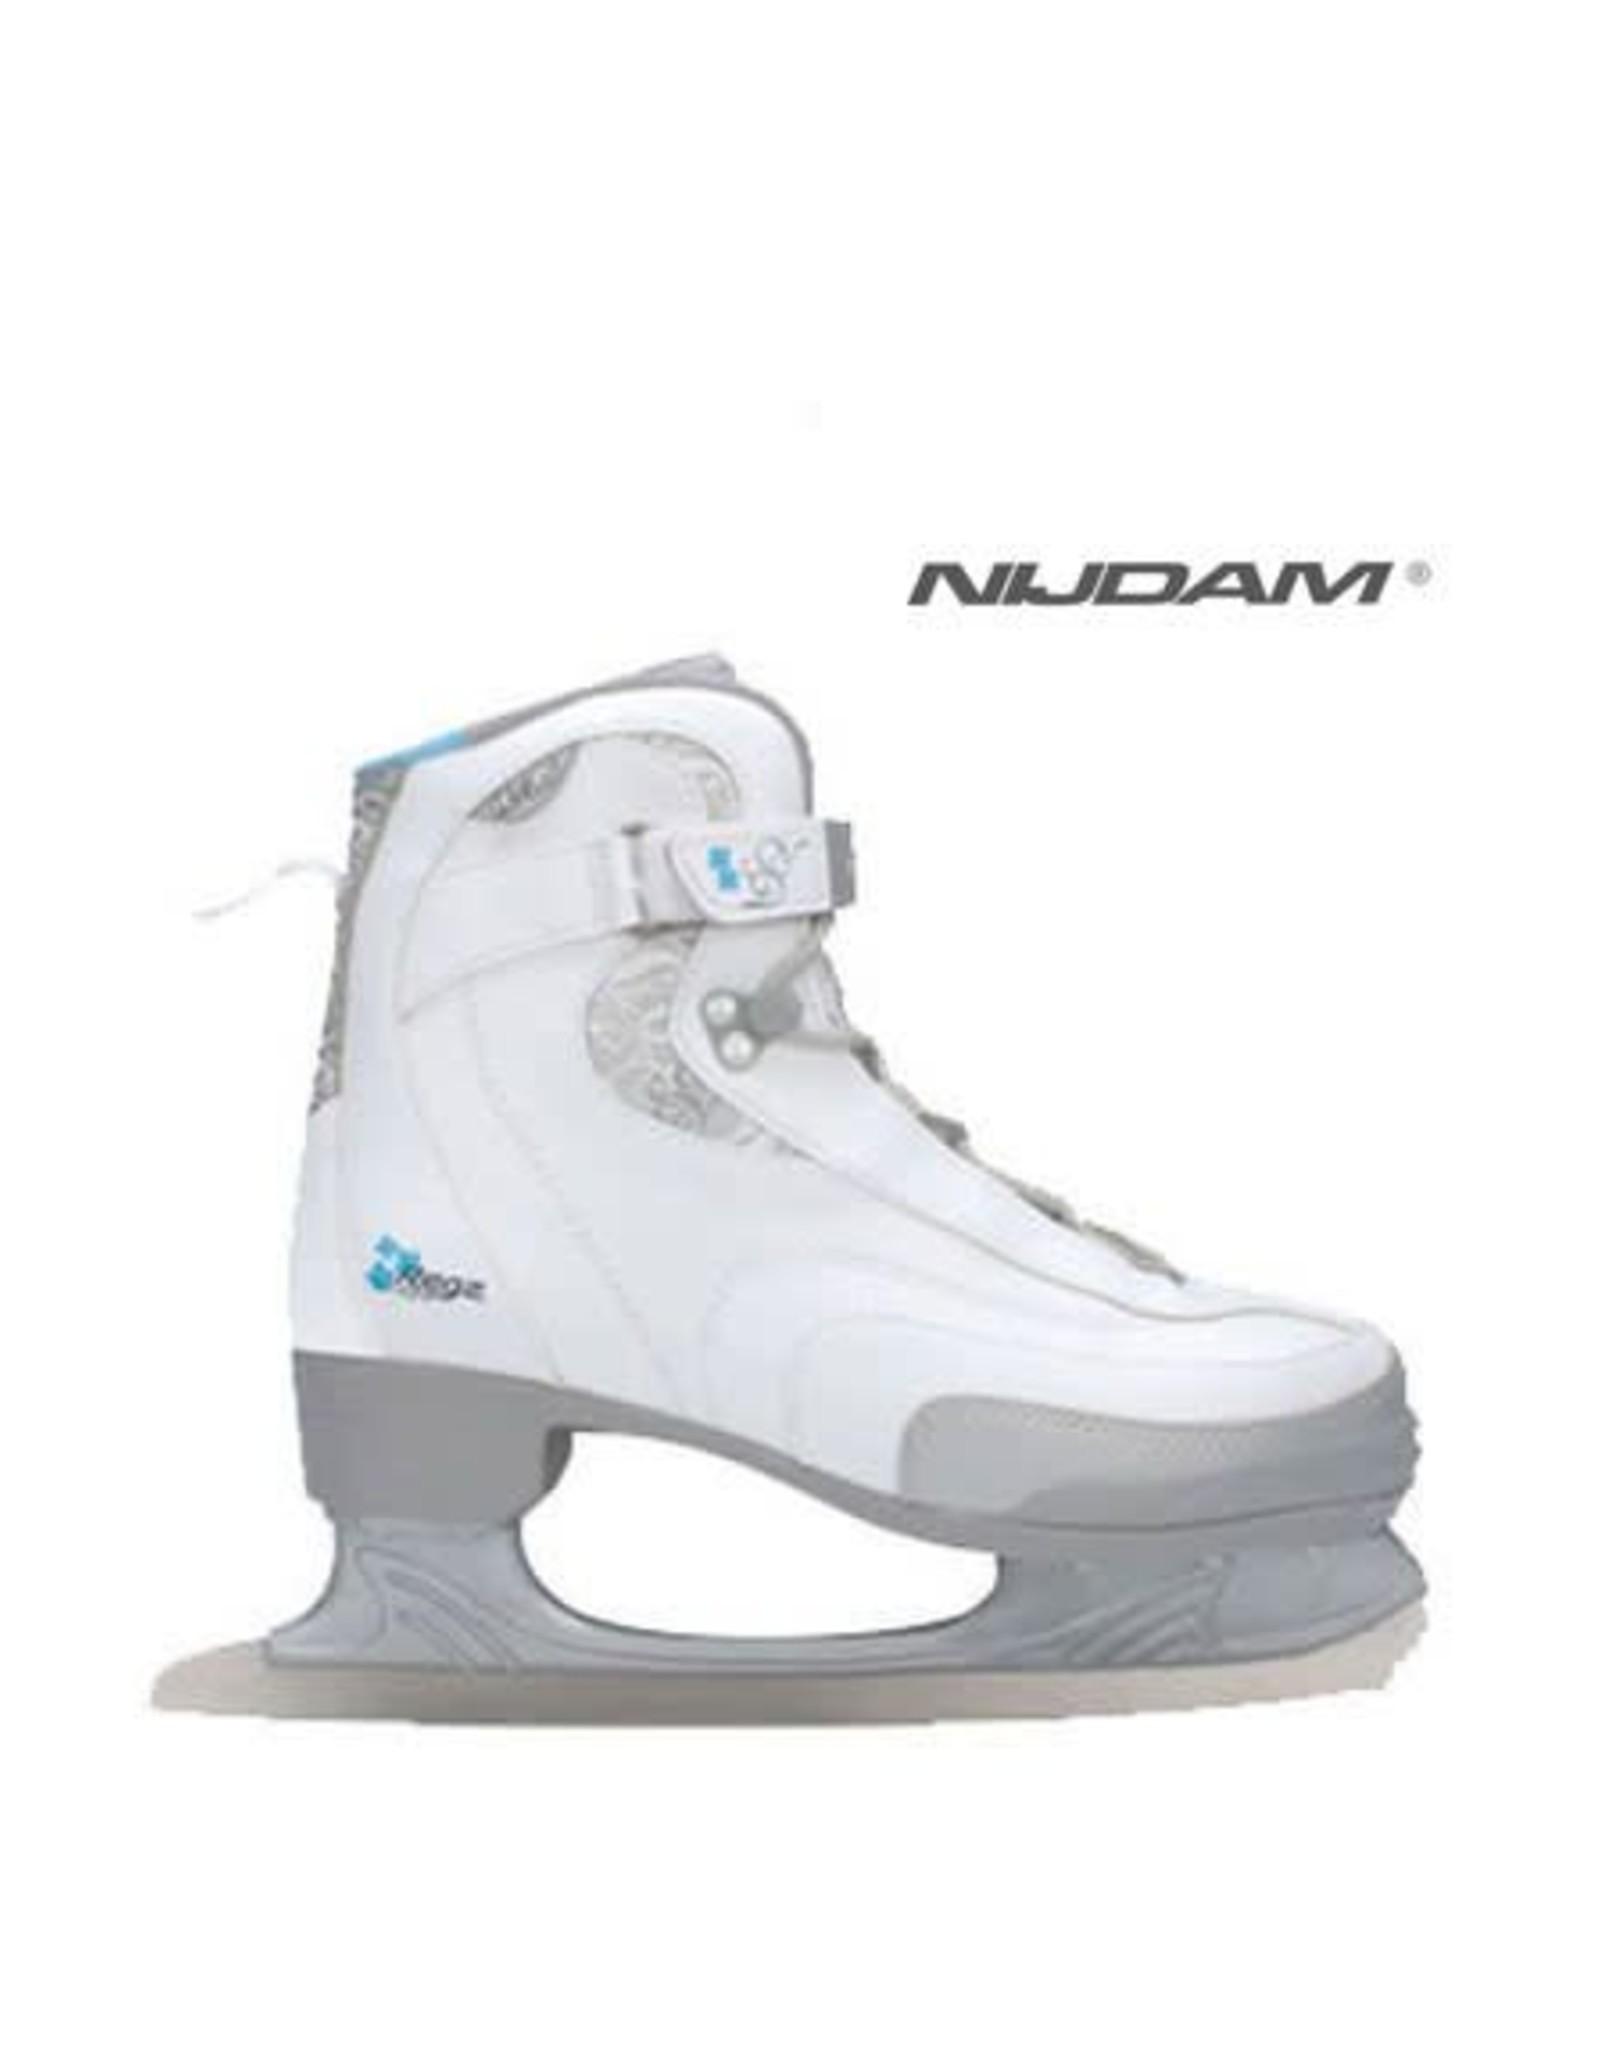 NIJDAM NIJDAM 035 KUNSTSCHAATSEN Softboot Wit/Zilver/Blauw